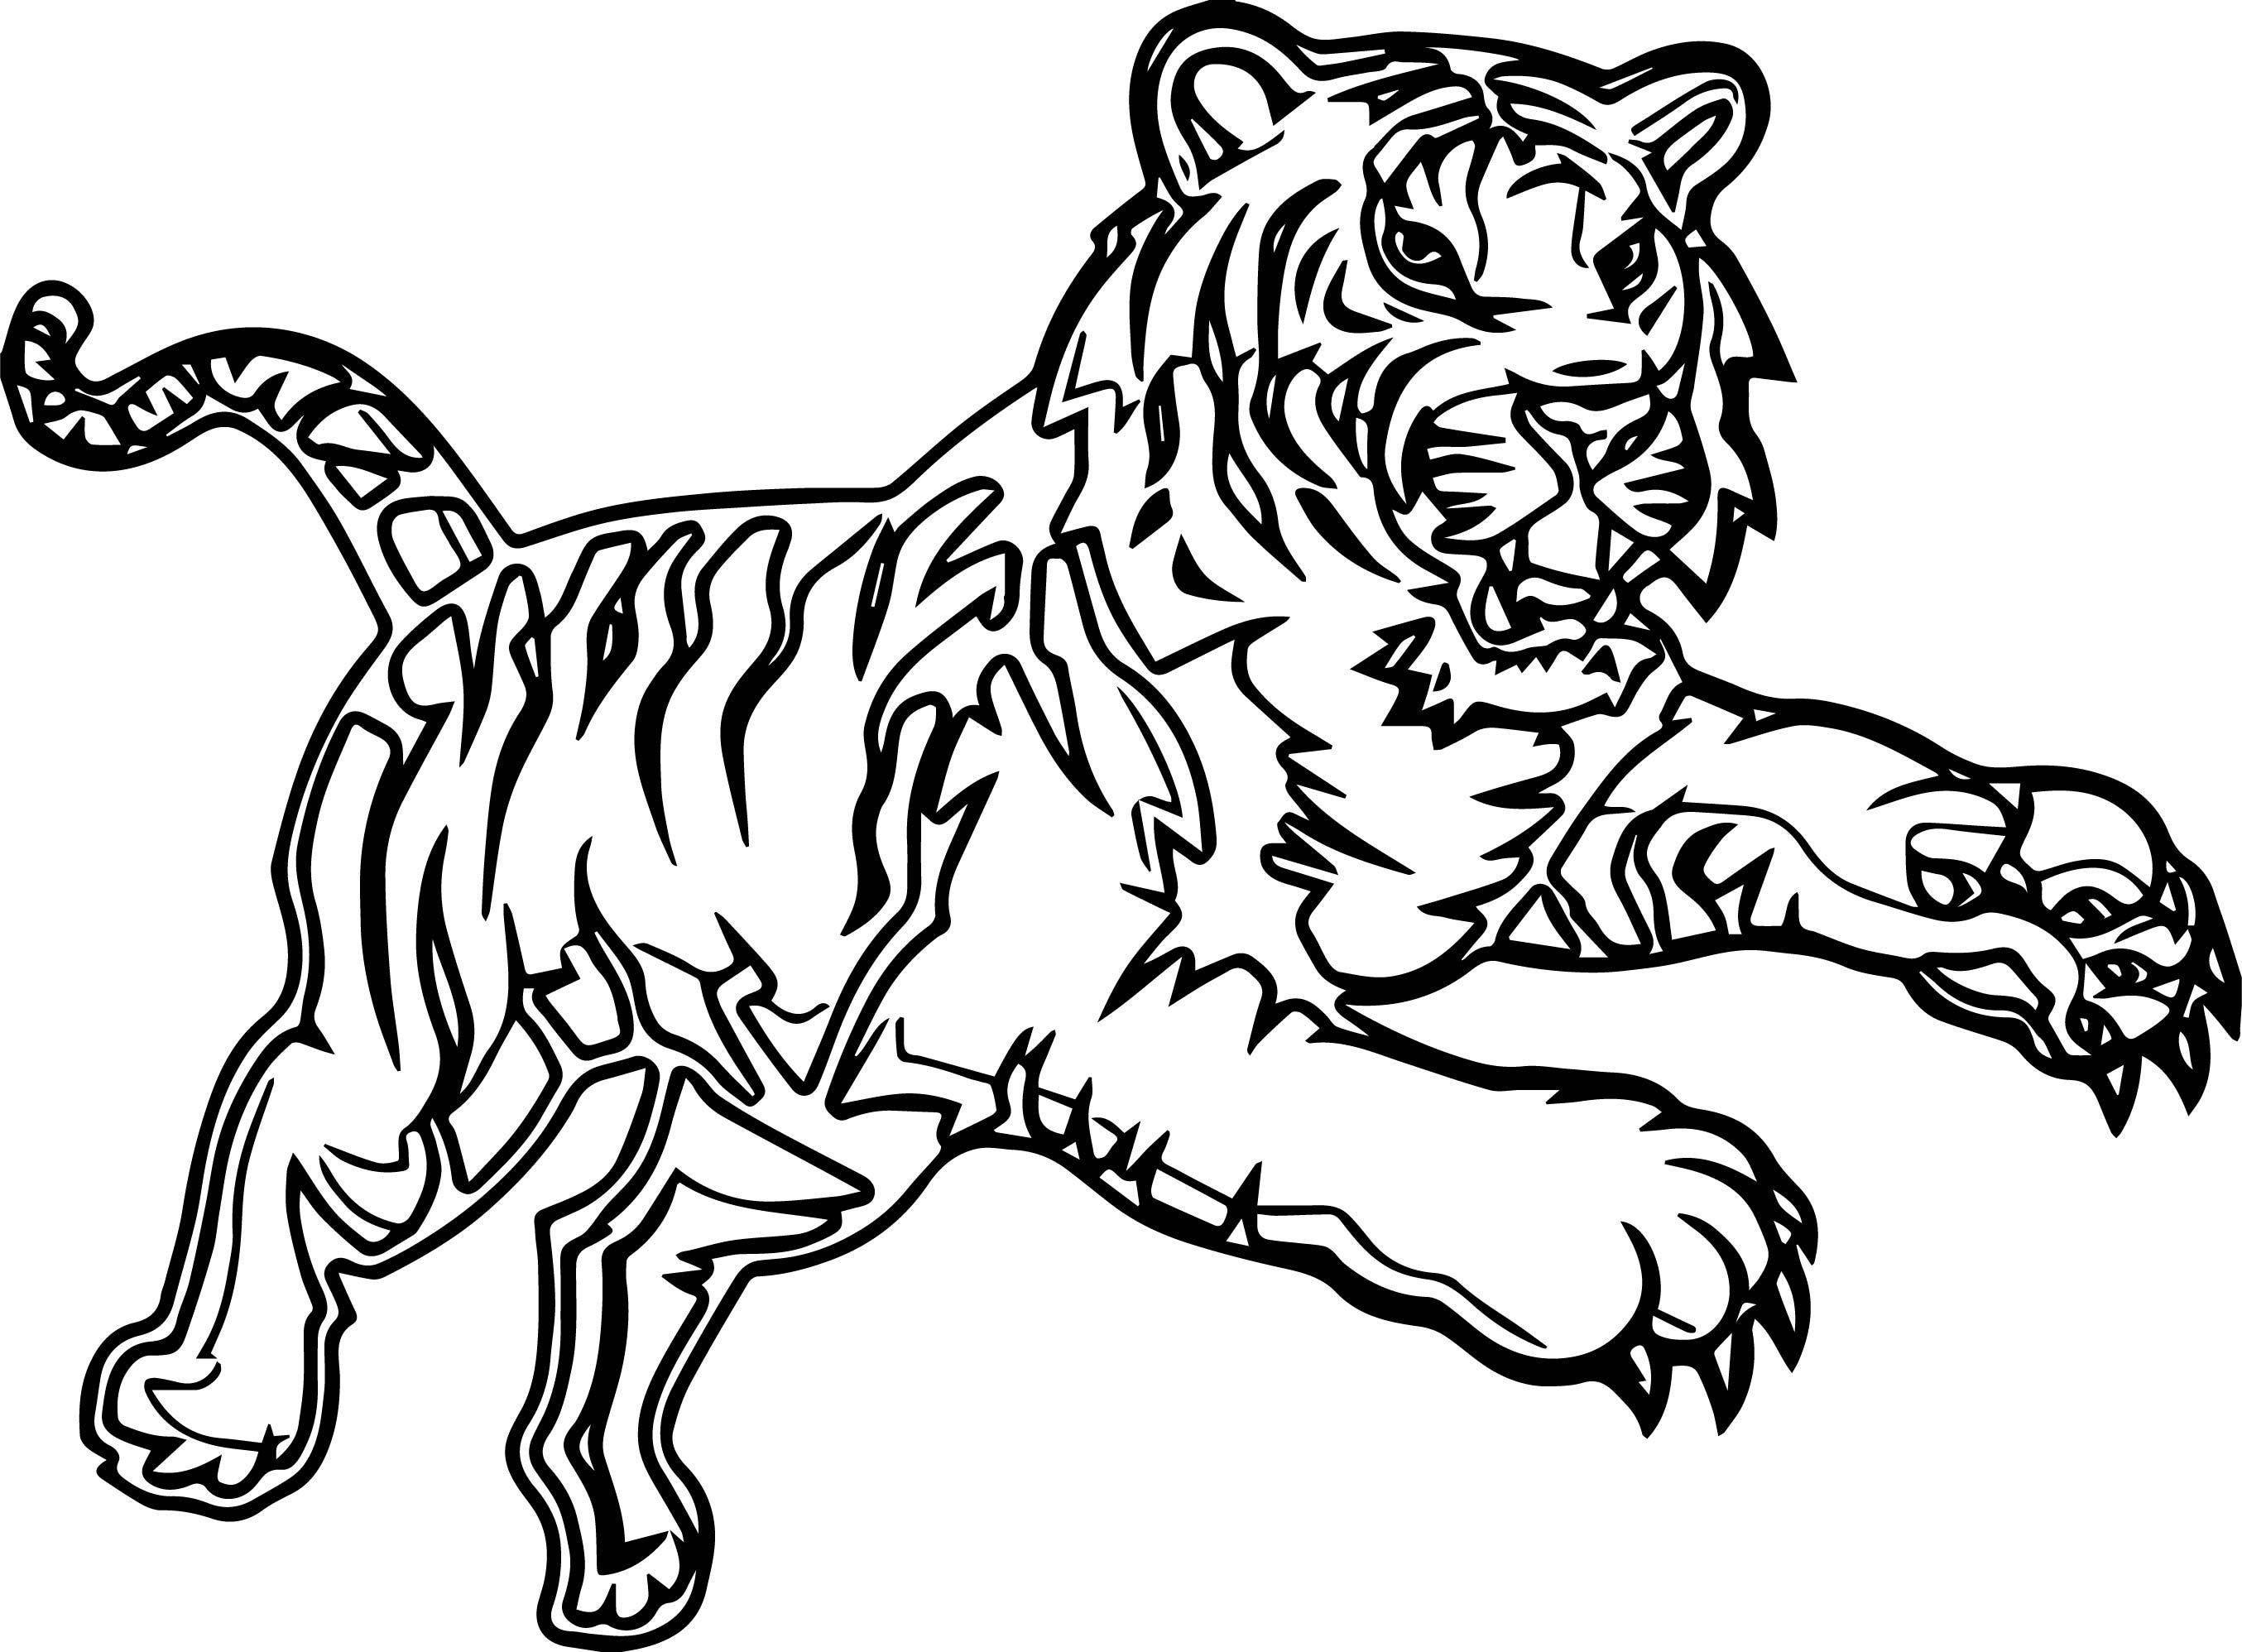 Tranh tô màu con hổ dũng mãnh cực đẹp